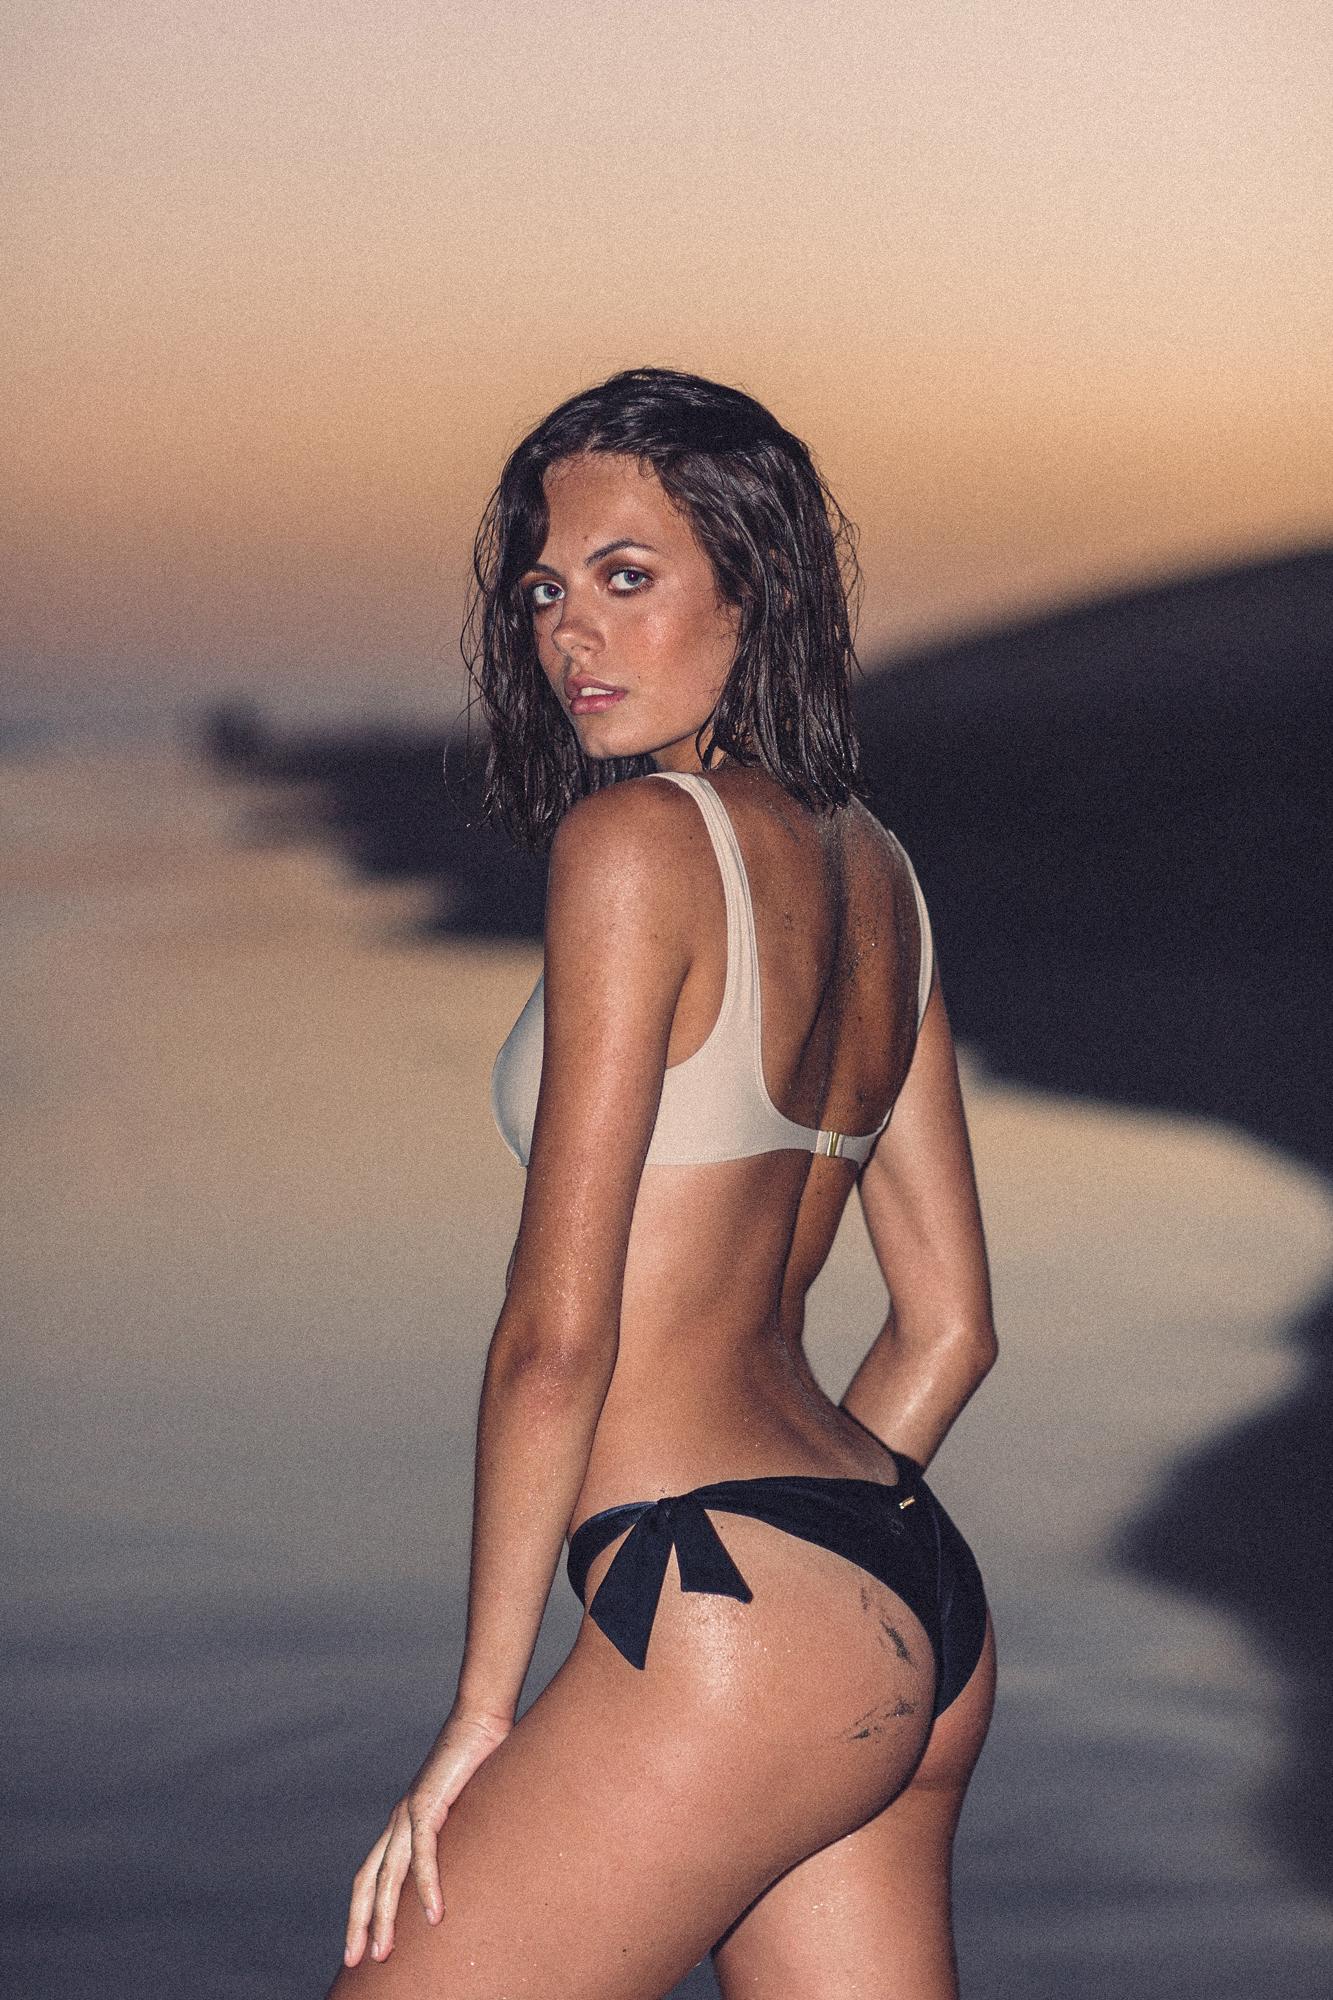 Vik Bikini Top Tanned Reset Priority